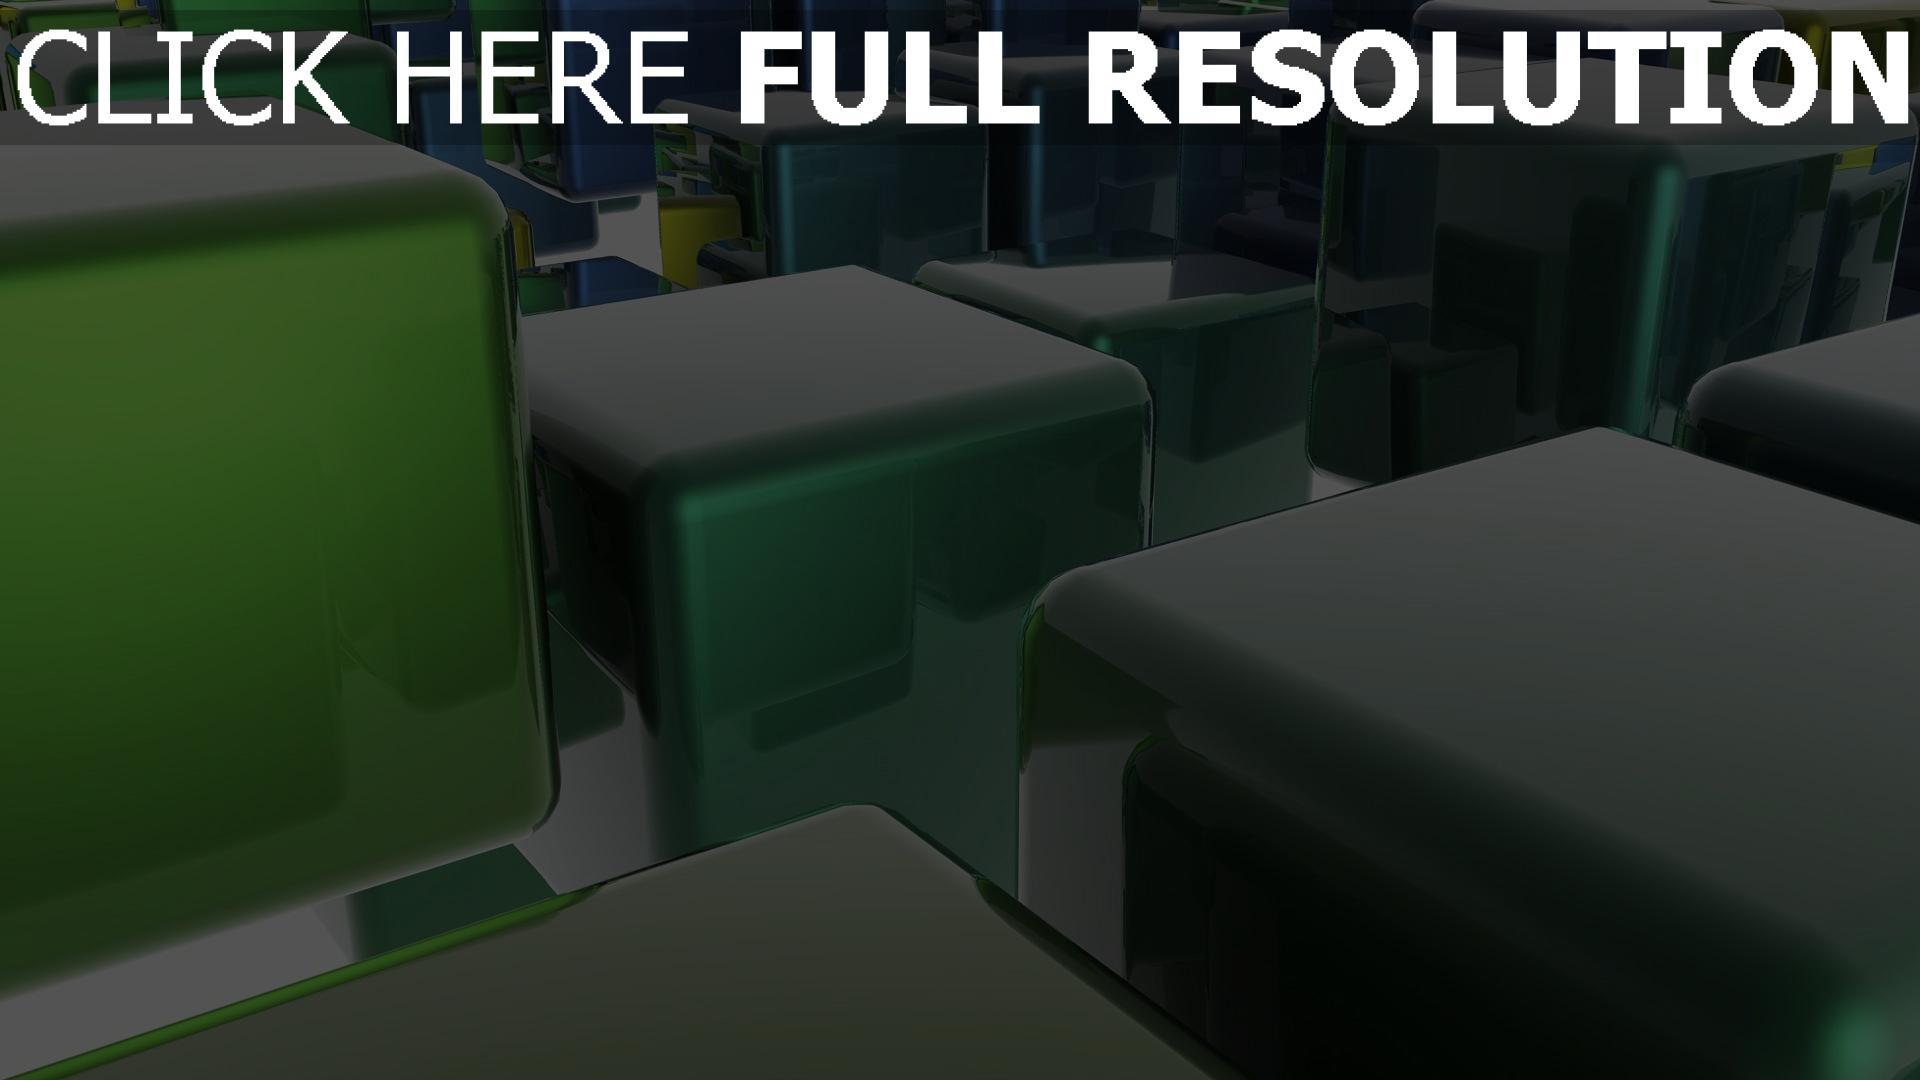 hd hintergrundbilder würfeln grün glas spiegelung licht 1920x1080